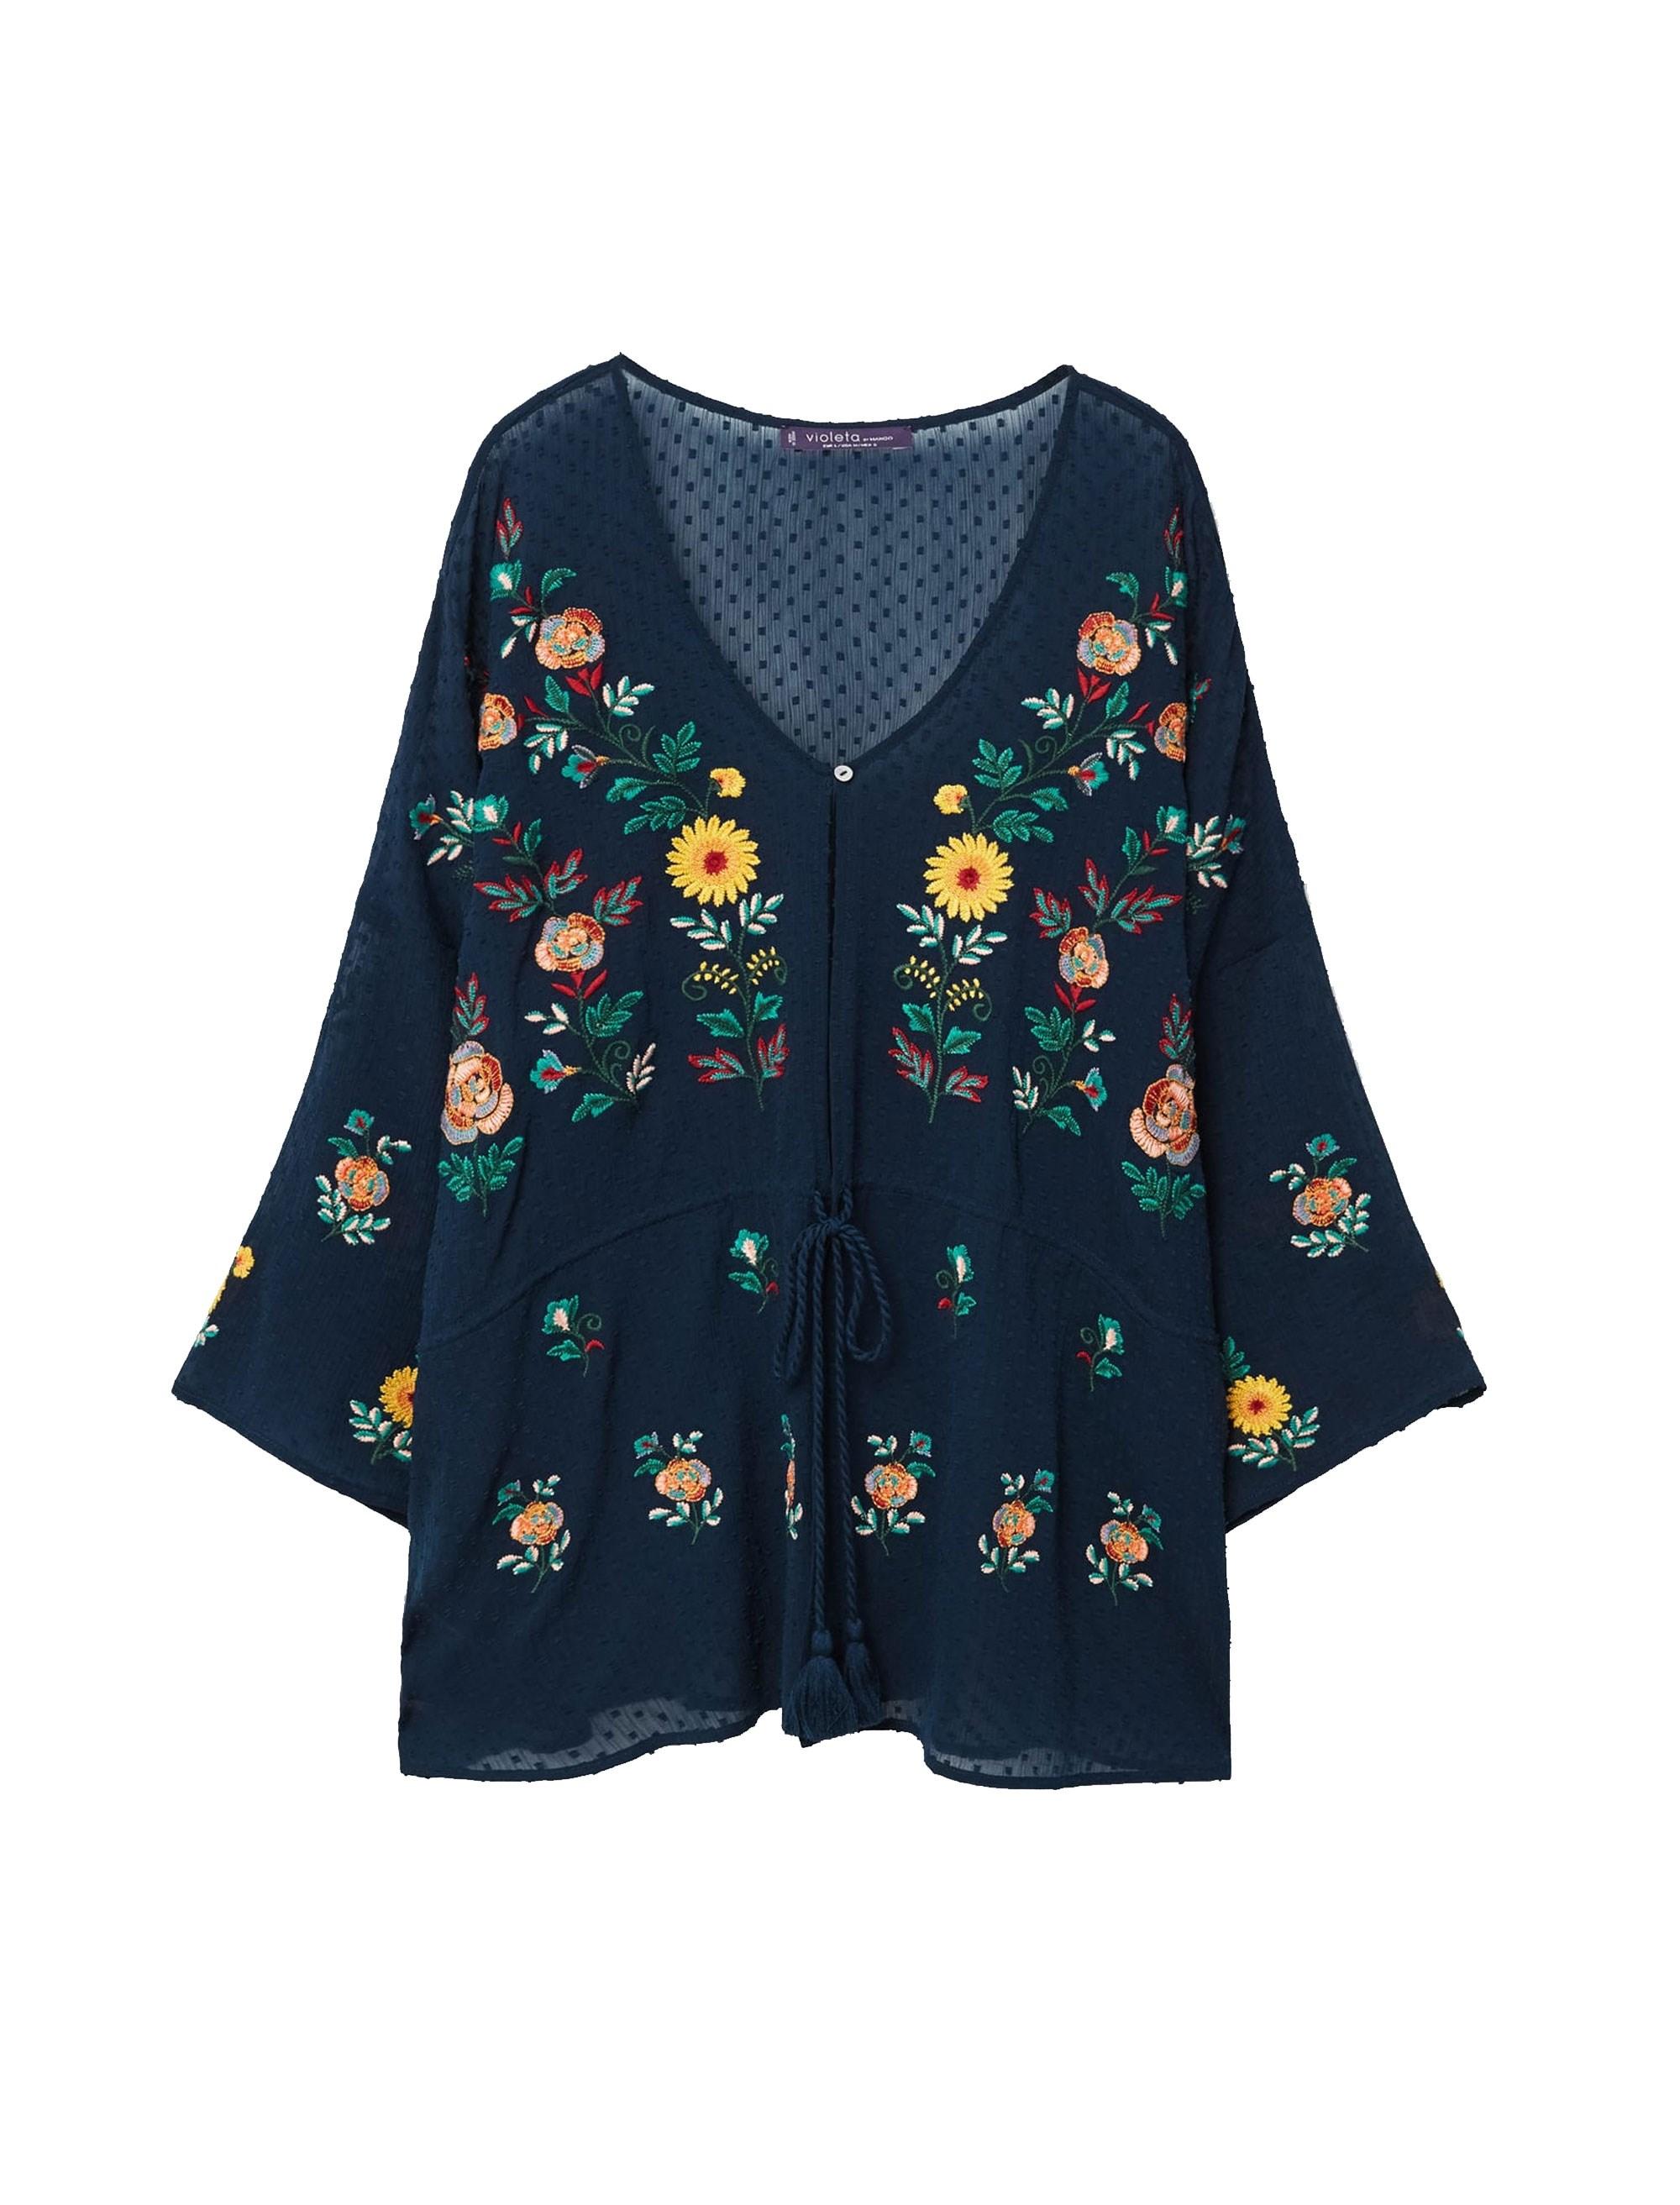 رویه لباس طرح دار زنانه - ویولتا بای مانگو